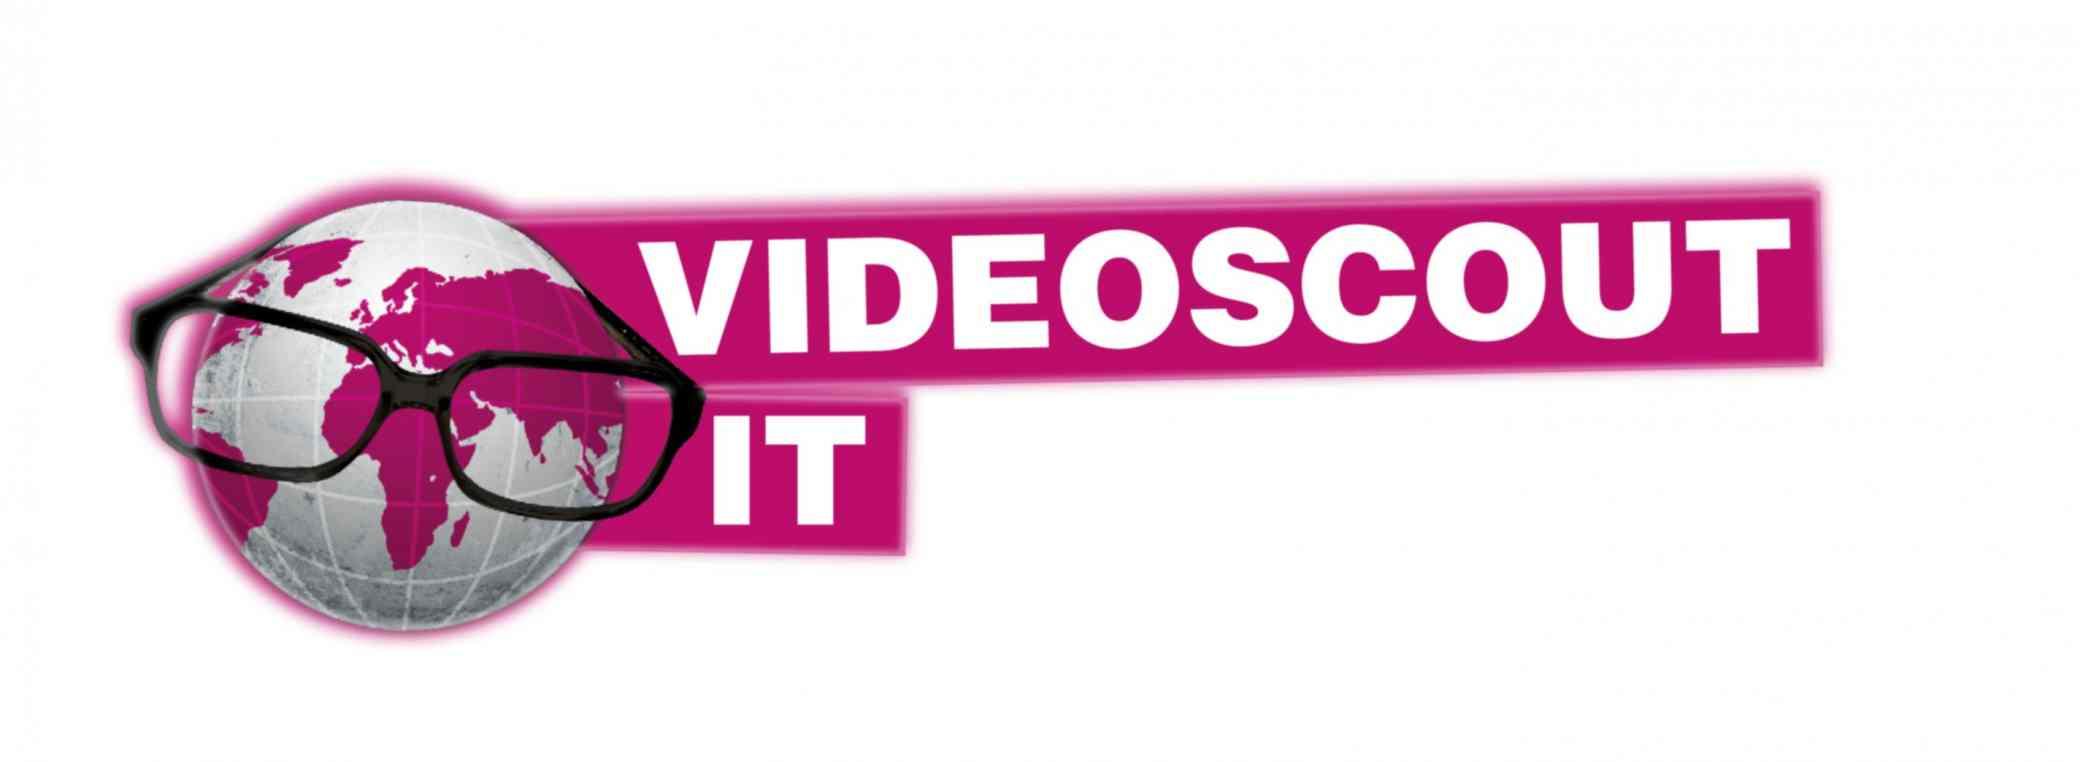 Videoscout It Logo